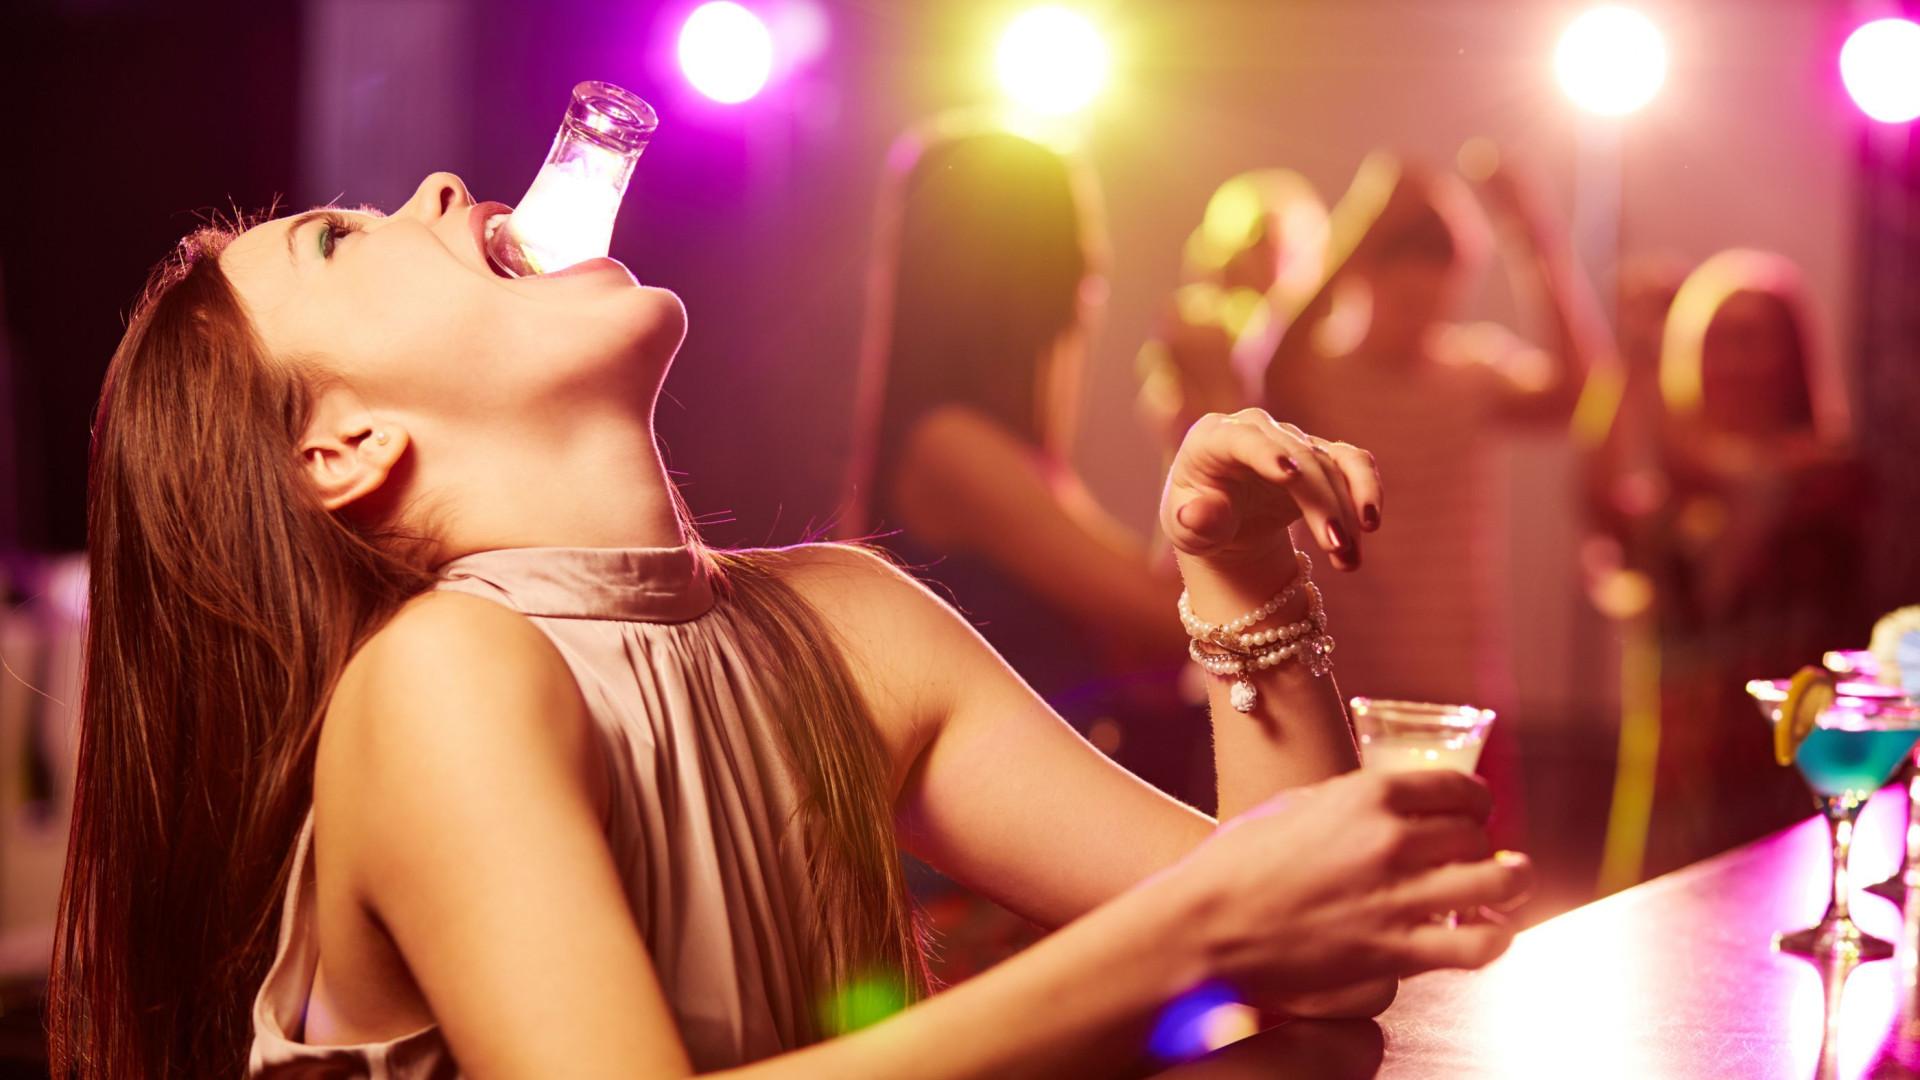 4 motivos para não beber álcool